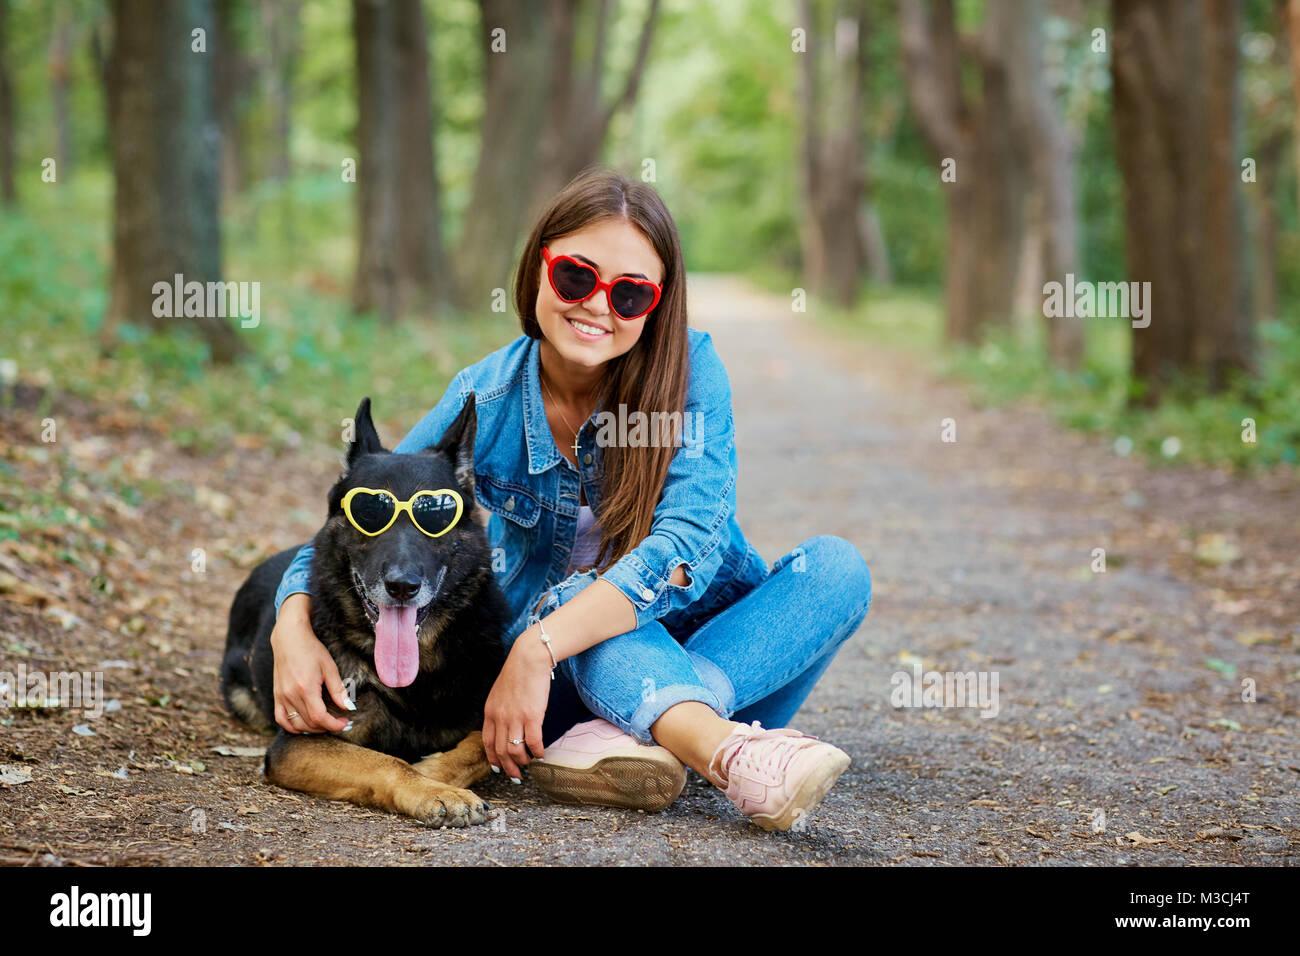 Jeune fille avec un chien en lunettes de soleil dans le parc. Berger allemand Photo Stock